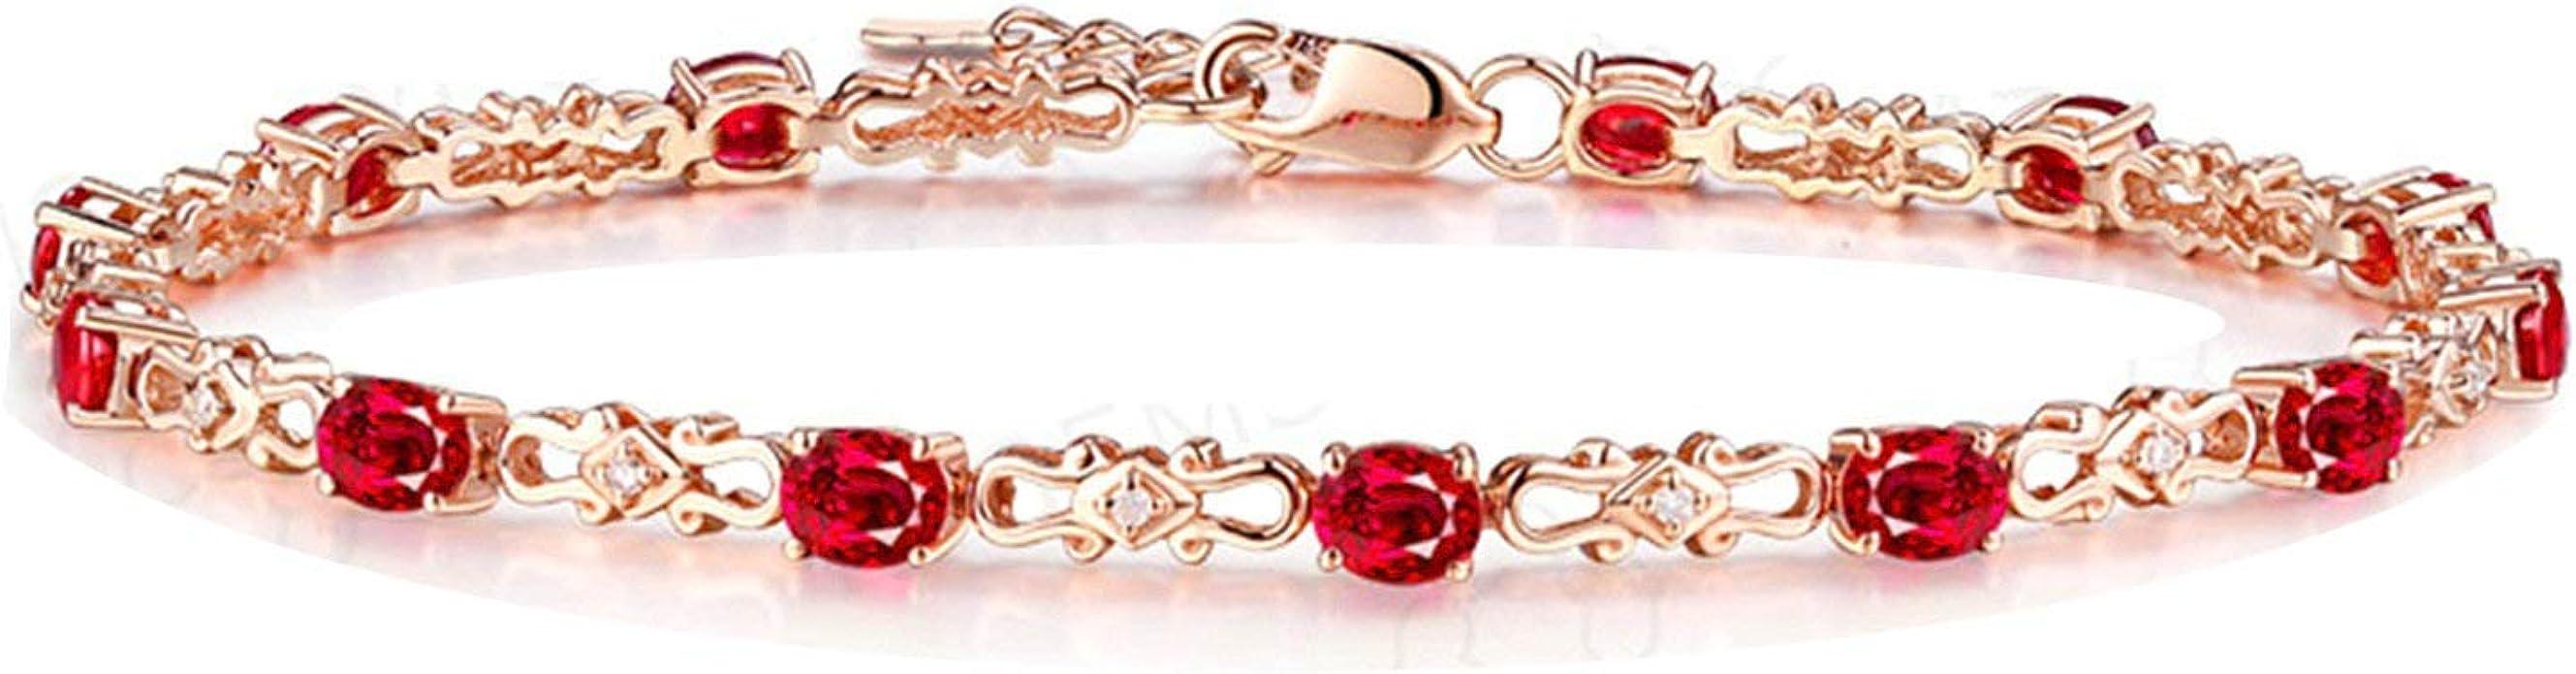 Aooaz Jewelry 18K Gold Bracelets For Lady Oval-Shape Anniversary Holiday Link Bracelets